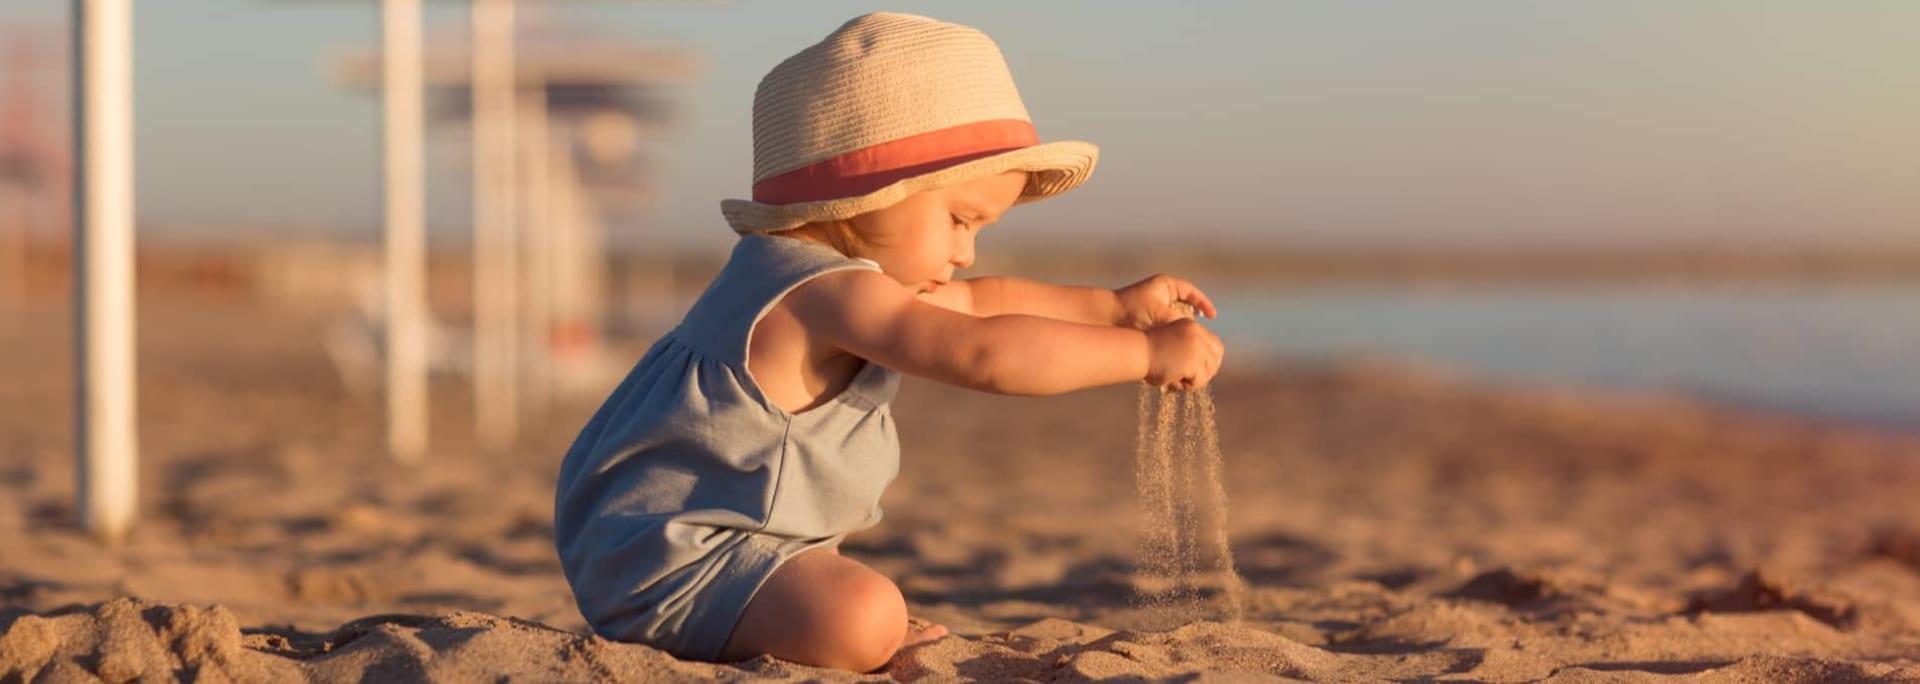 10 planes para niños durante el verano